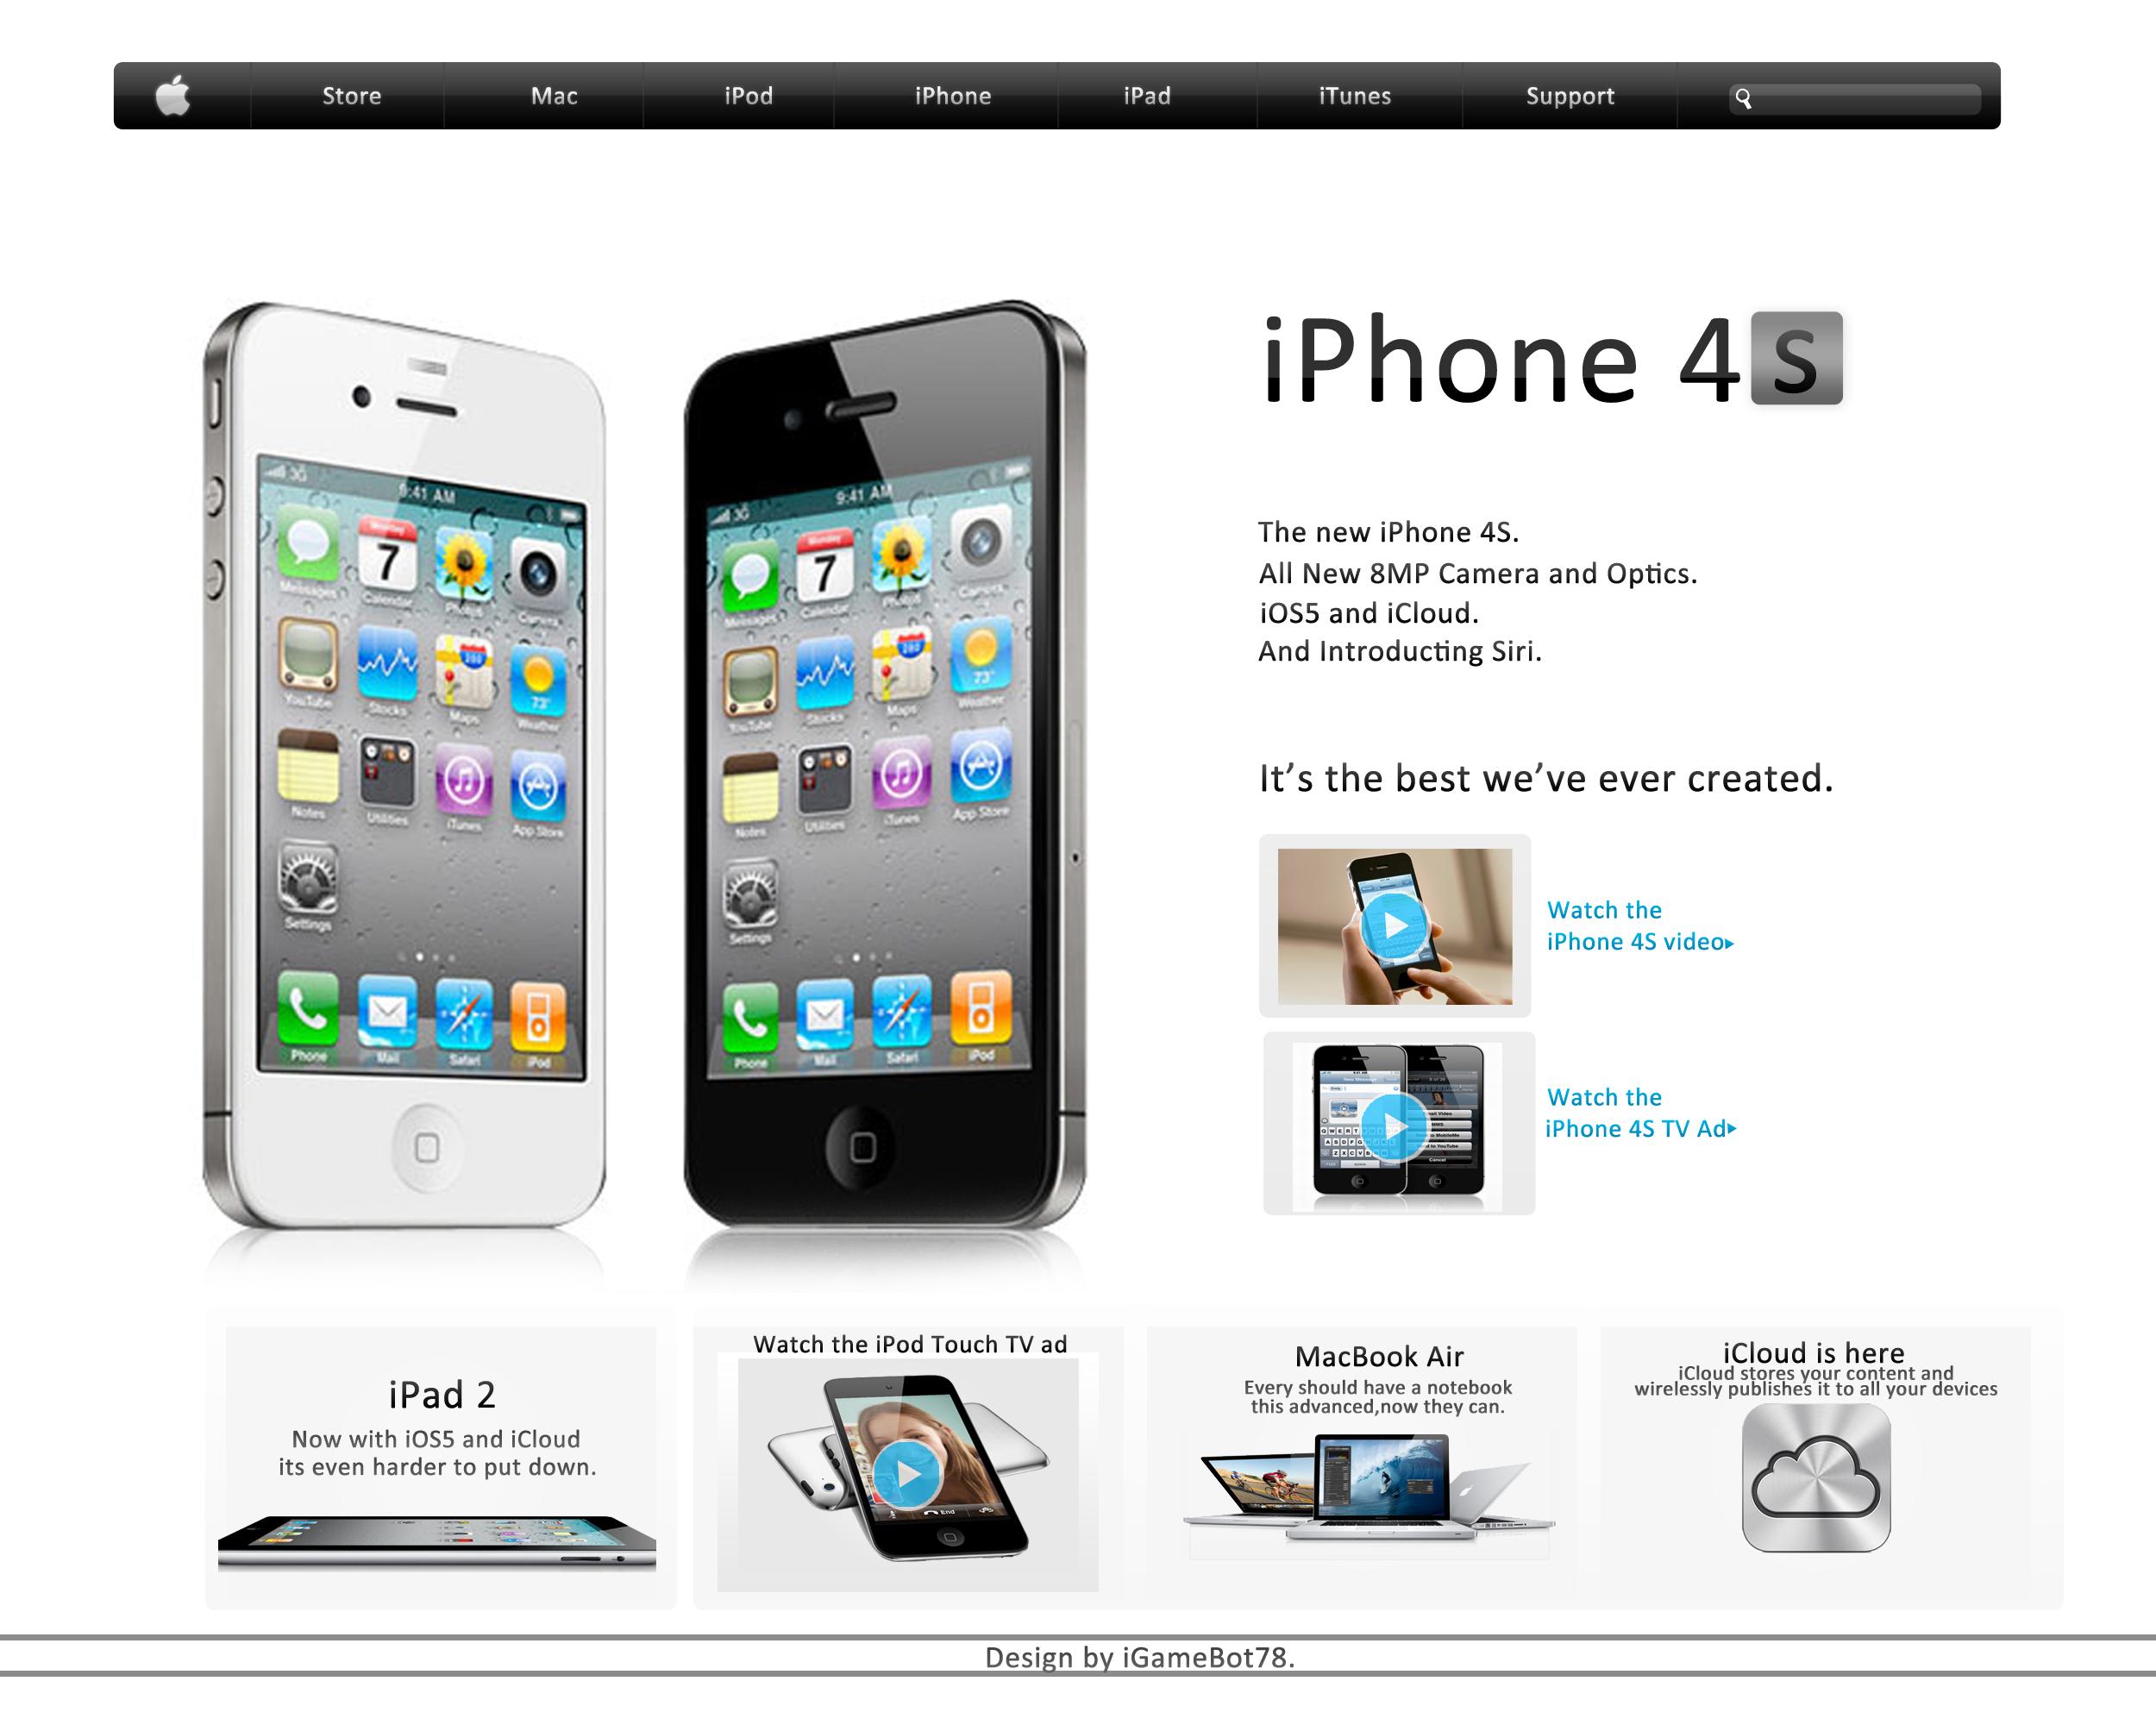 apple-descrierea-produsului-atat-de-seducatoare-ca-vinde-in-locul-tau